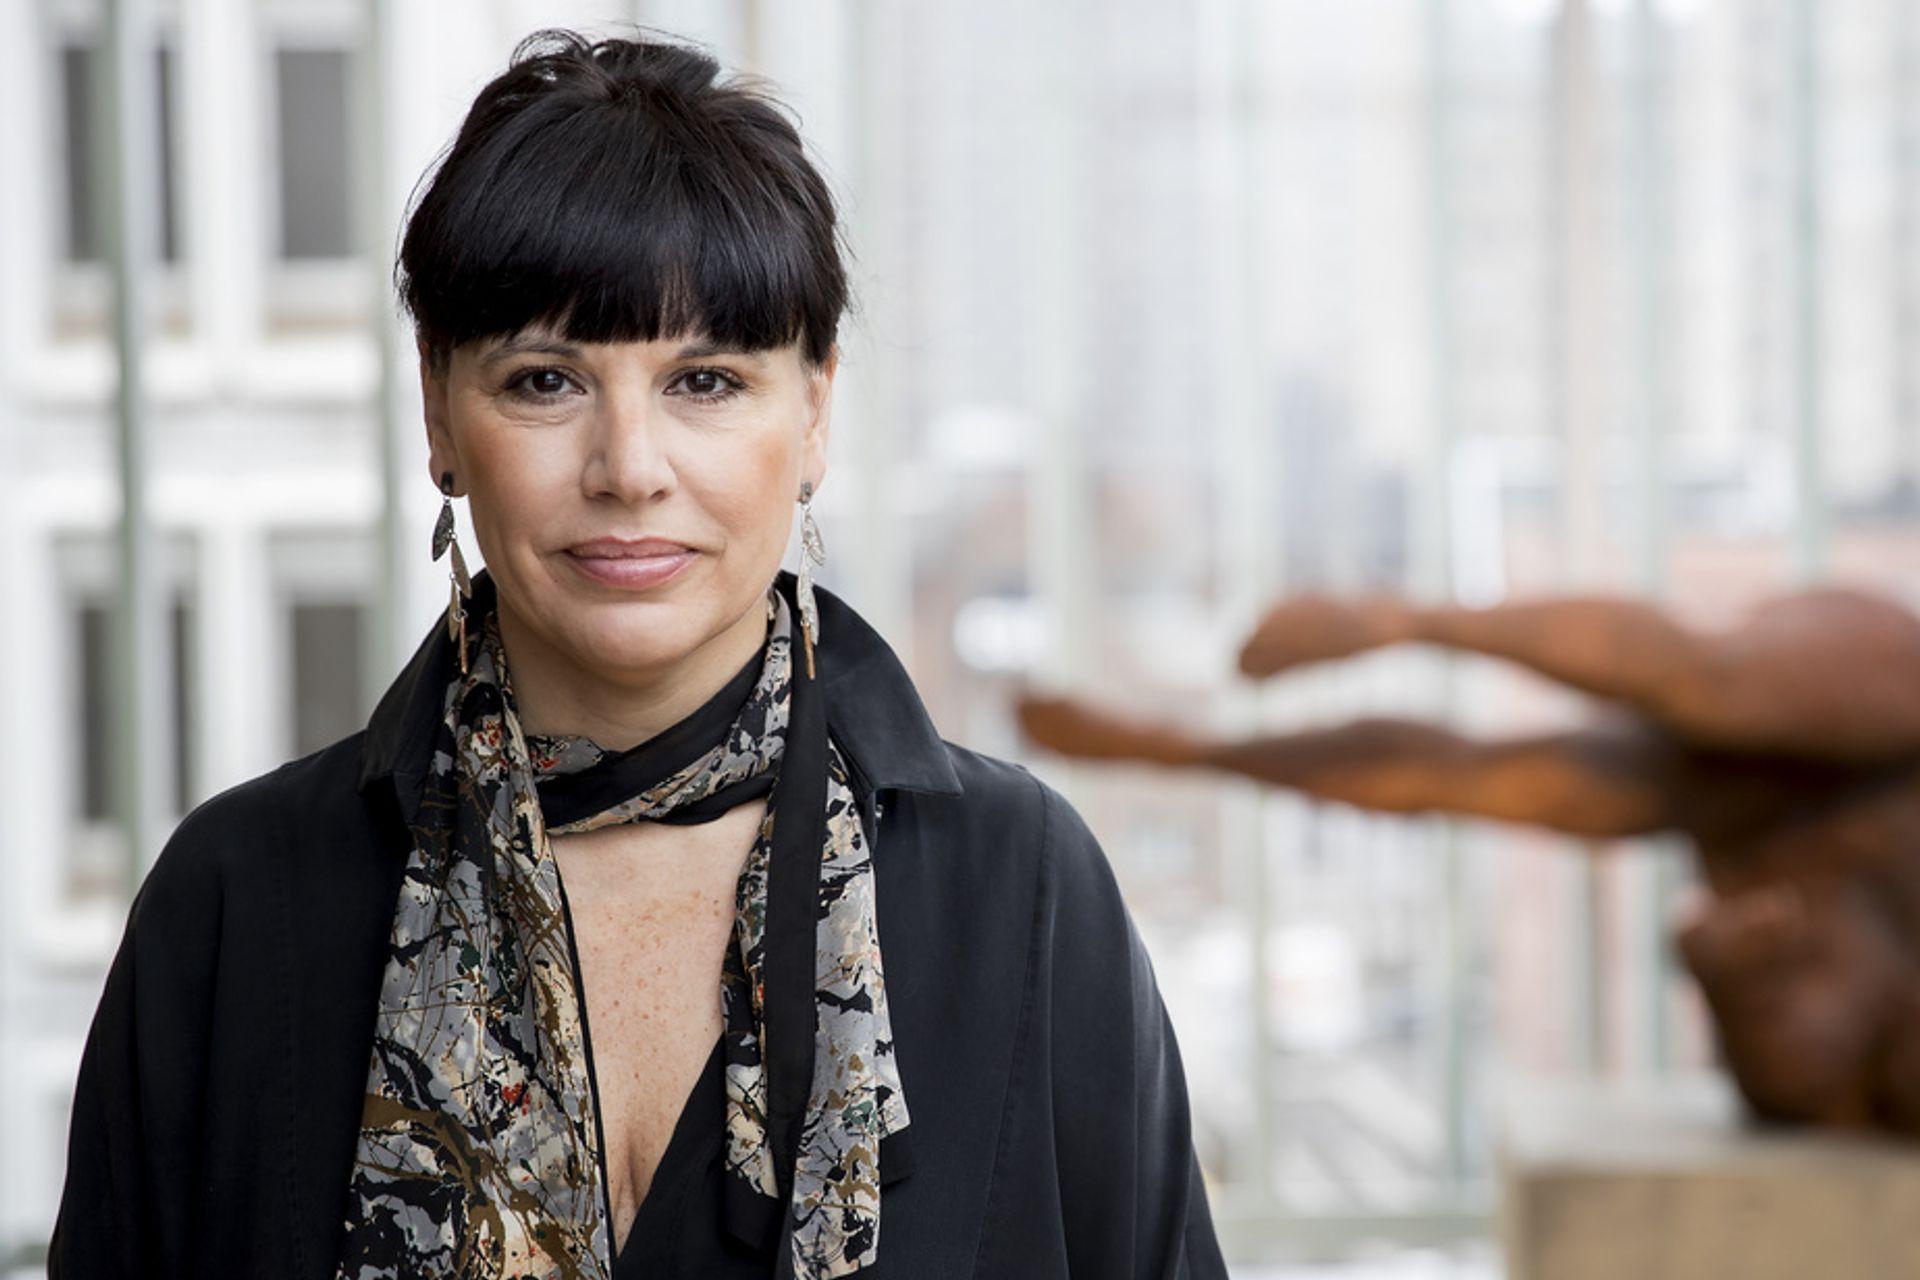 Nathalie Bondil, director general of the Montreal Museum of Fine Arts/Musée des beaux-arts de Montréal Photo: Marco Campanozzi